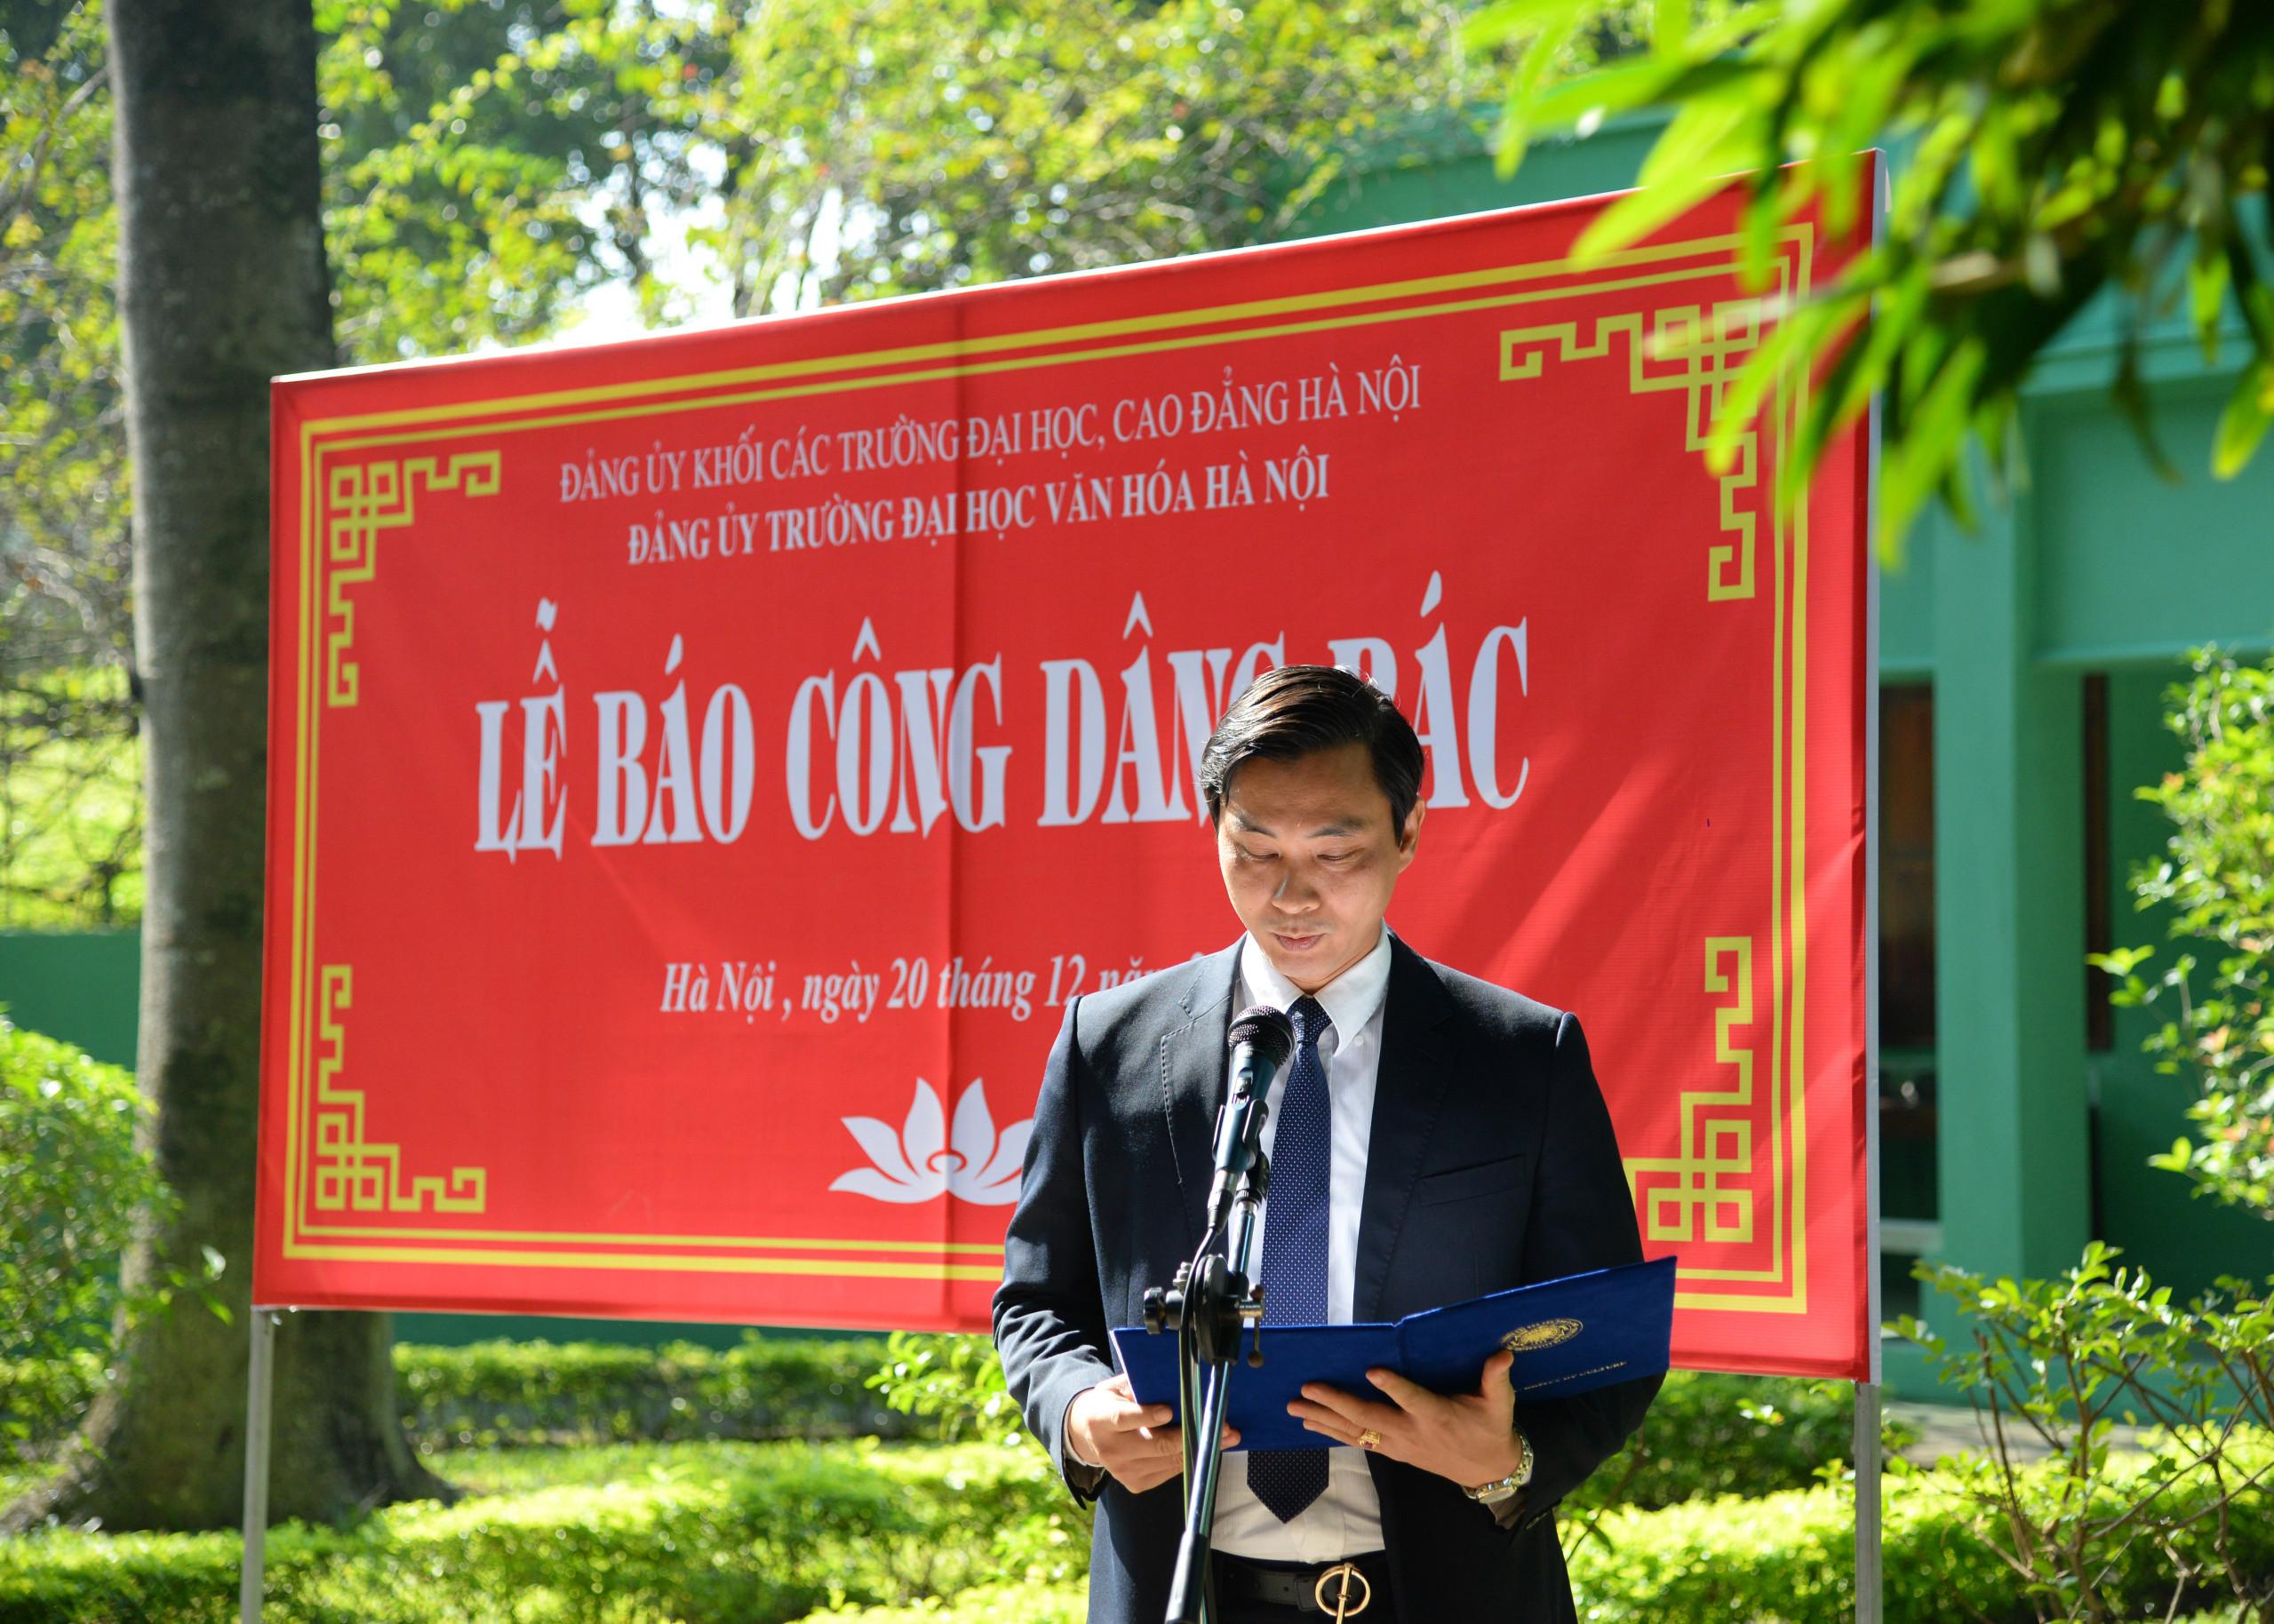 Trường Đại học Văn hóa Hà Nội tổ chức lễ báo công dâng Bác